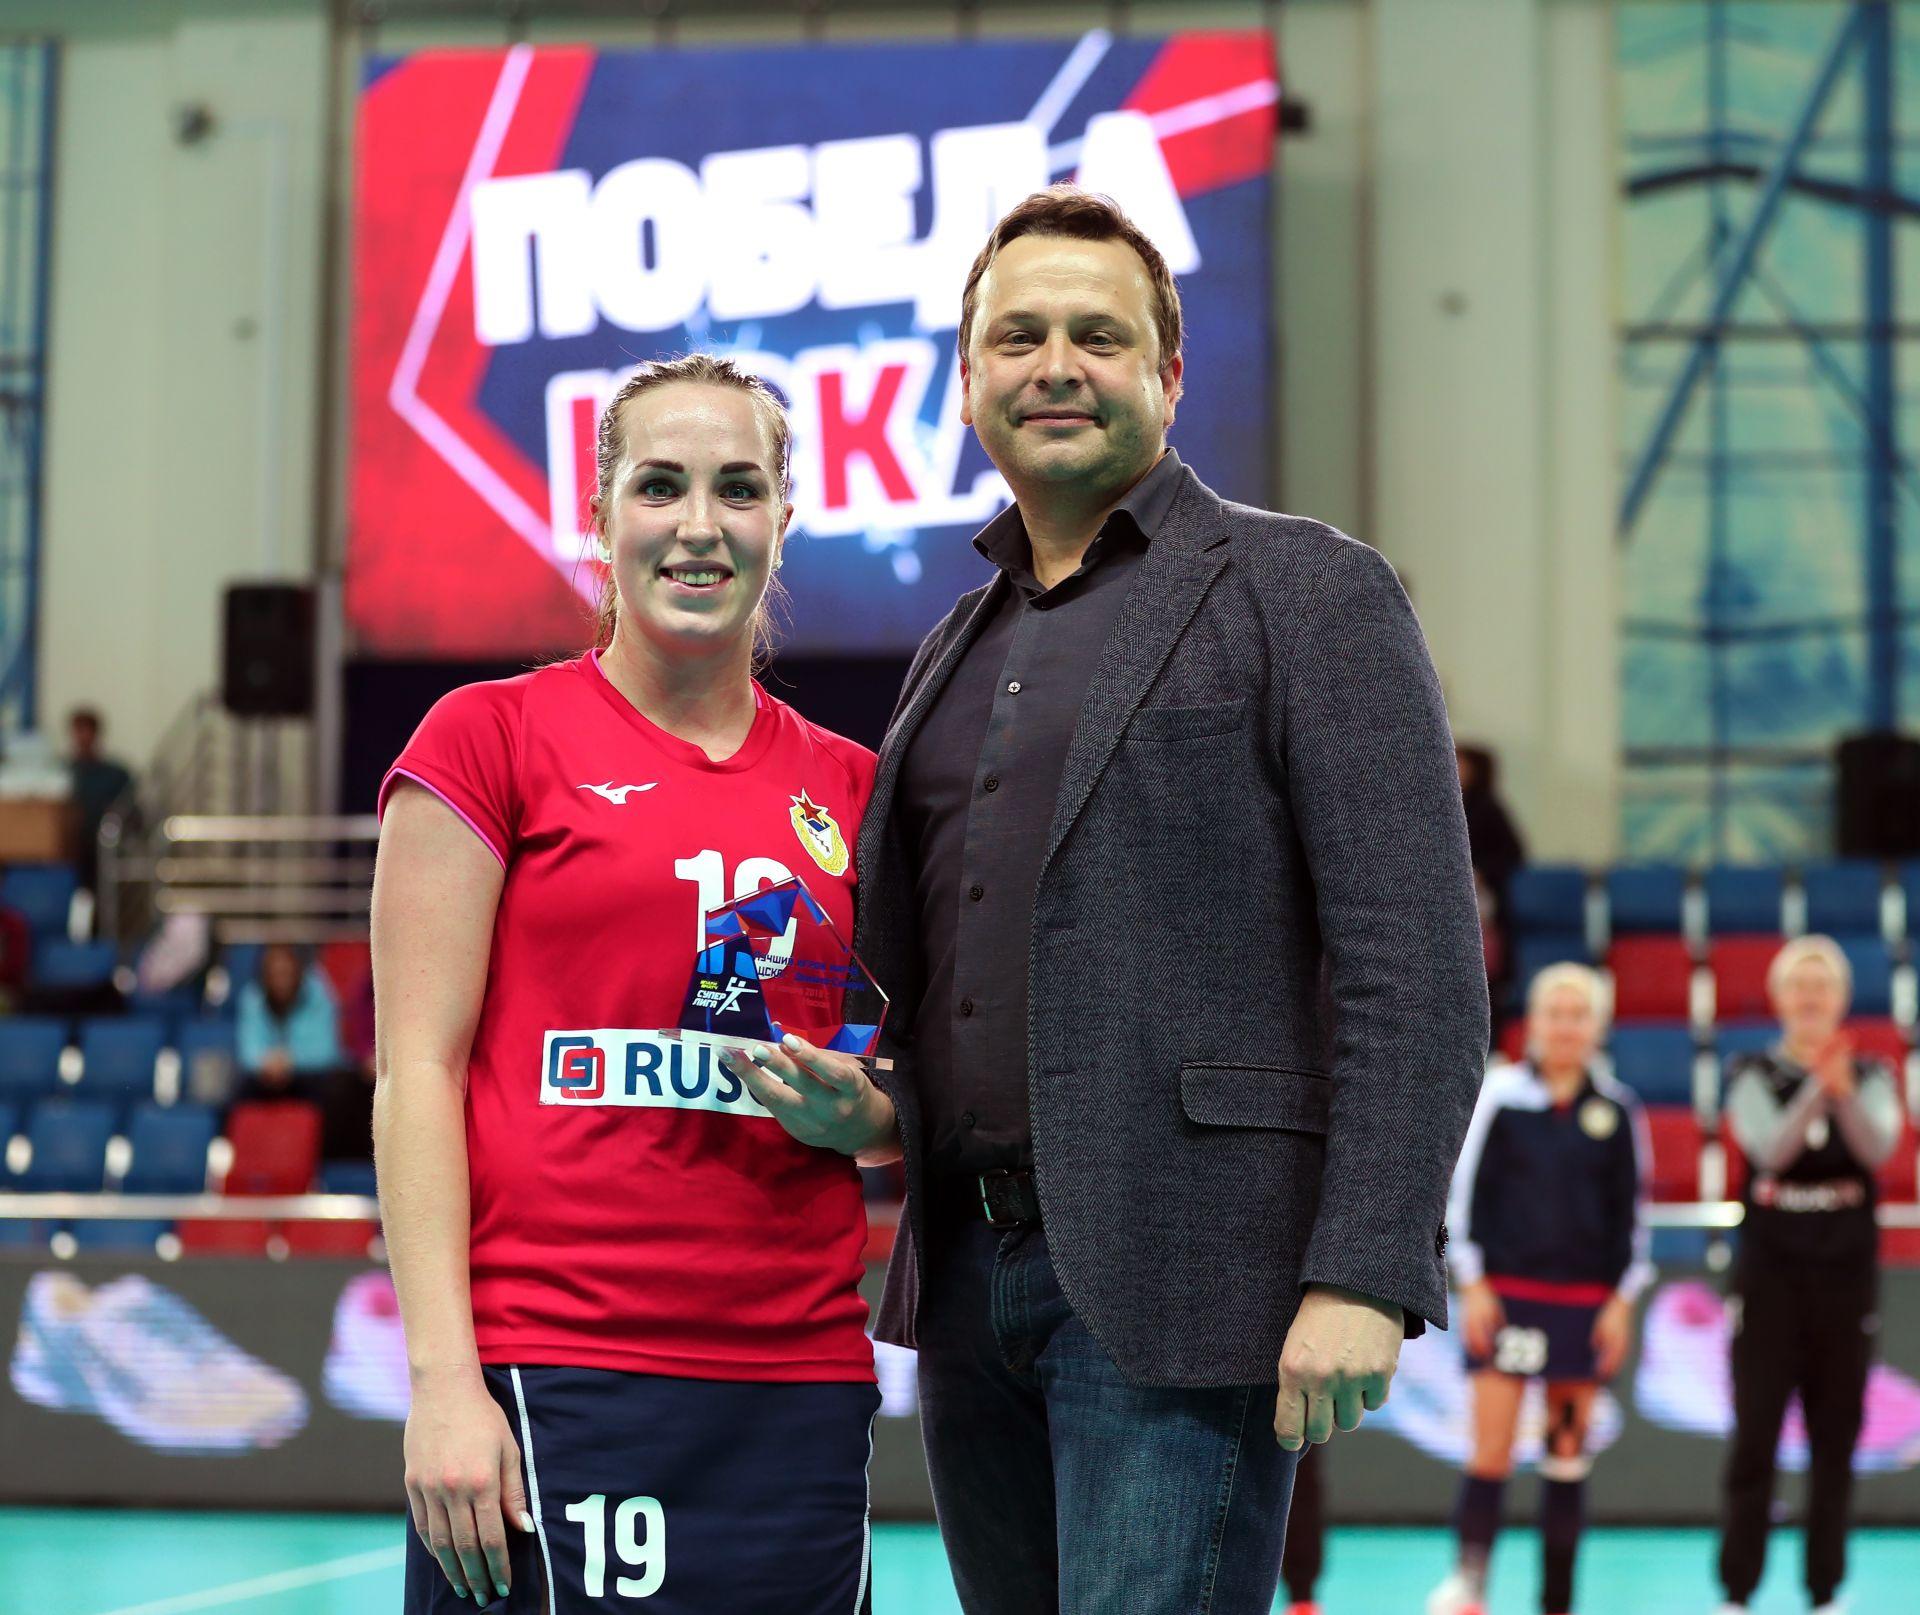 Юлия Маркова и Илья Казаков